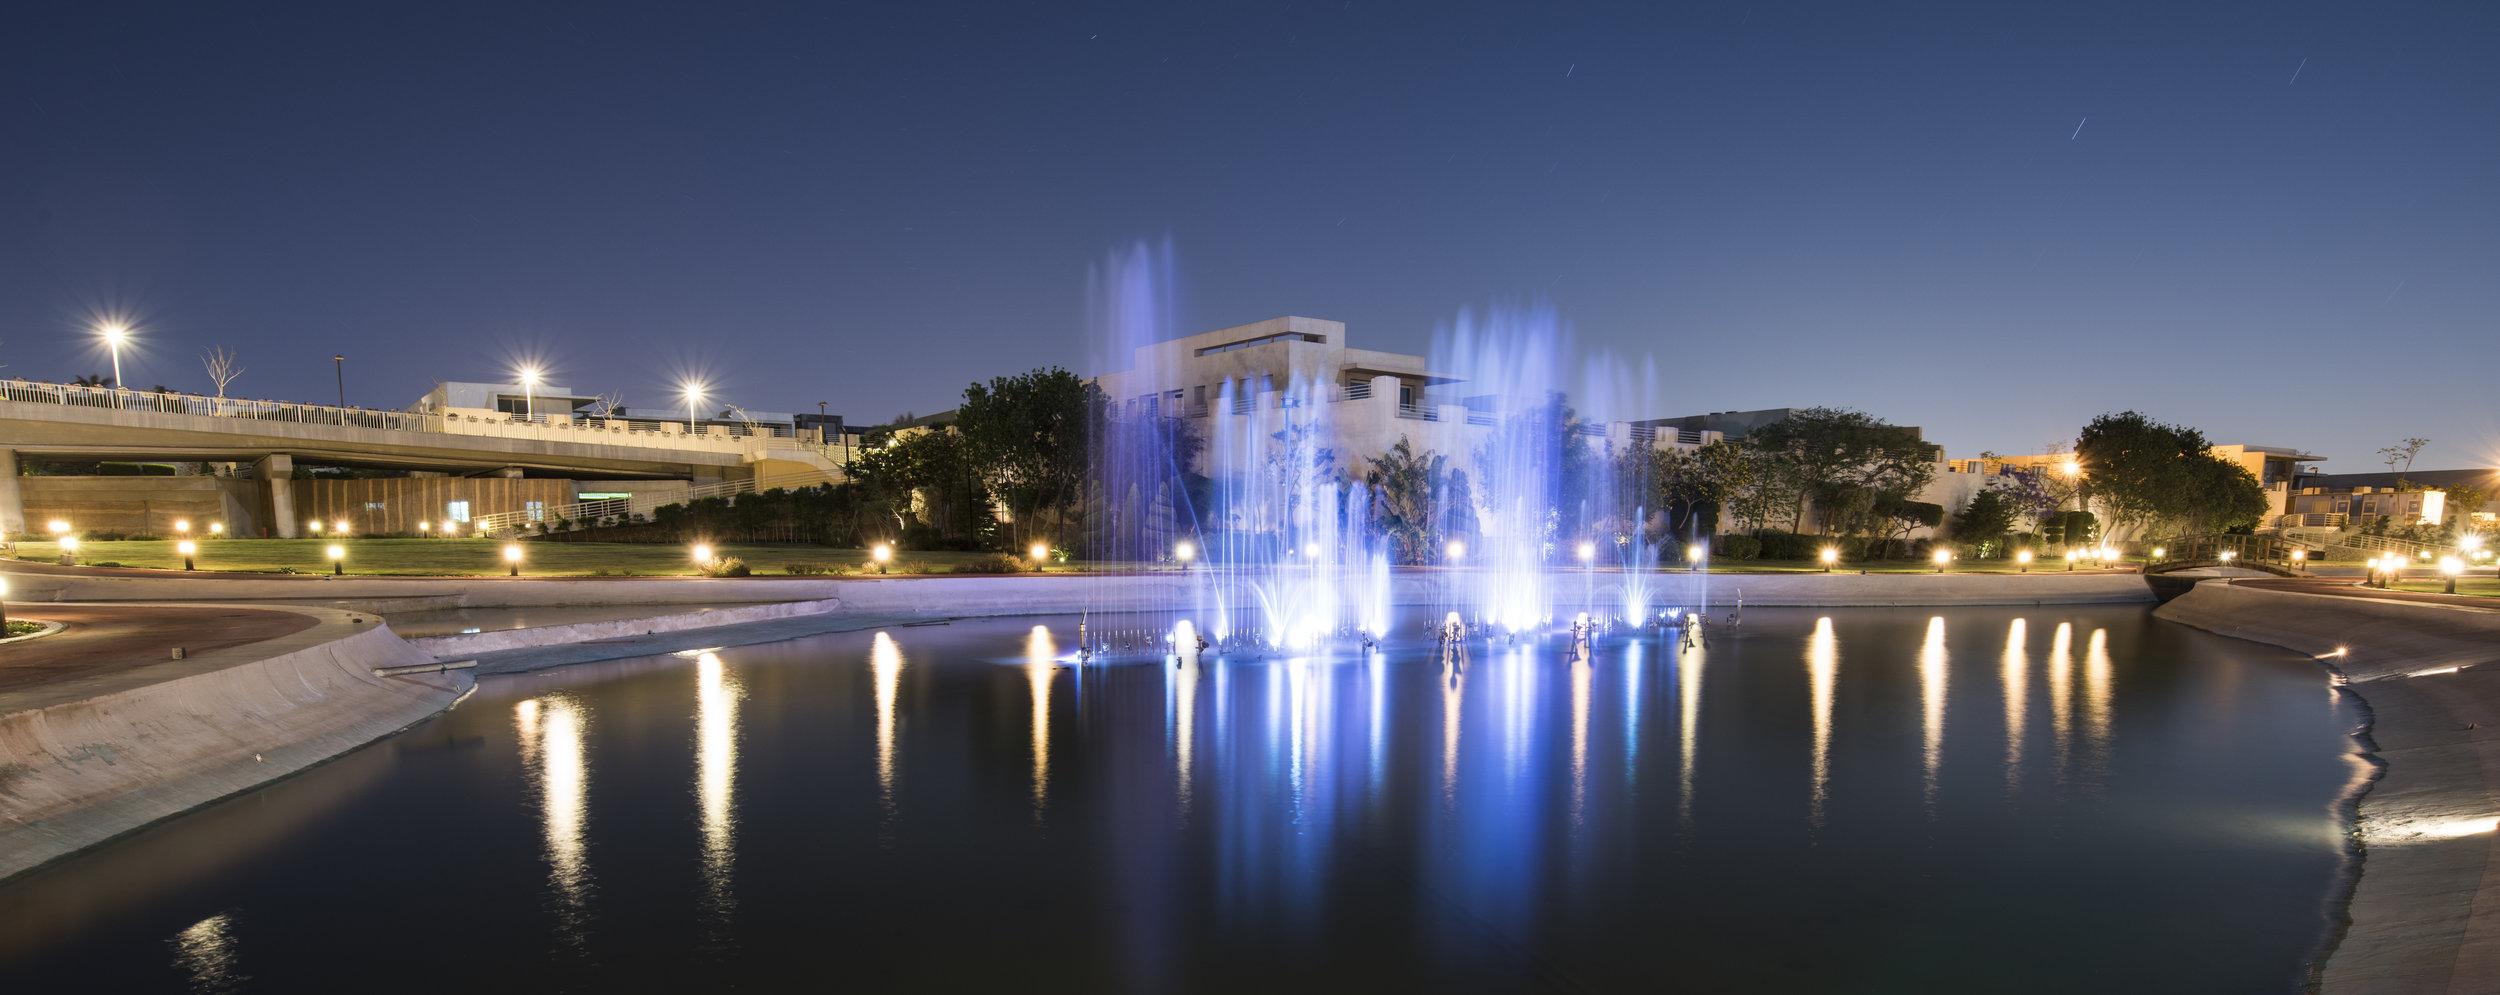 Central Fountain & Bridge.jpg